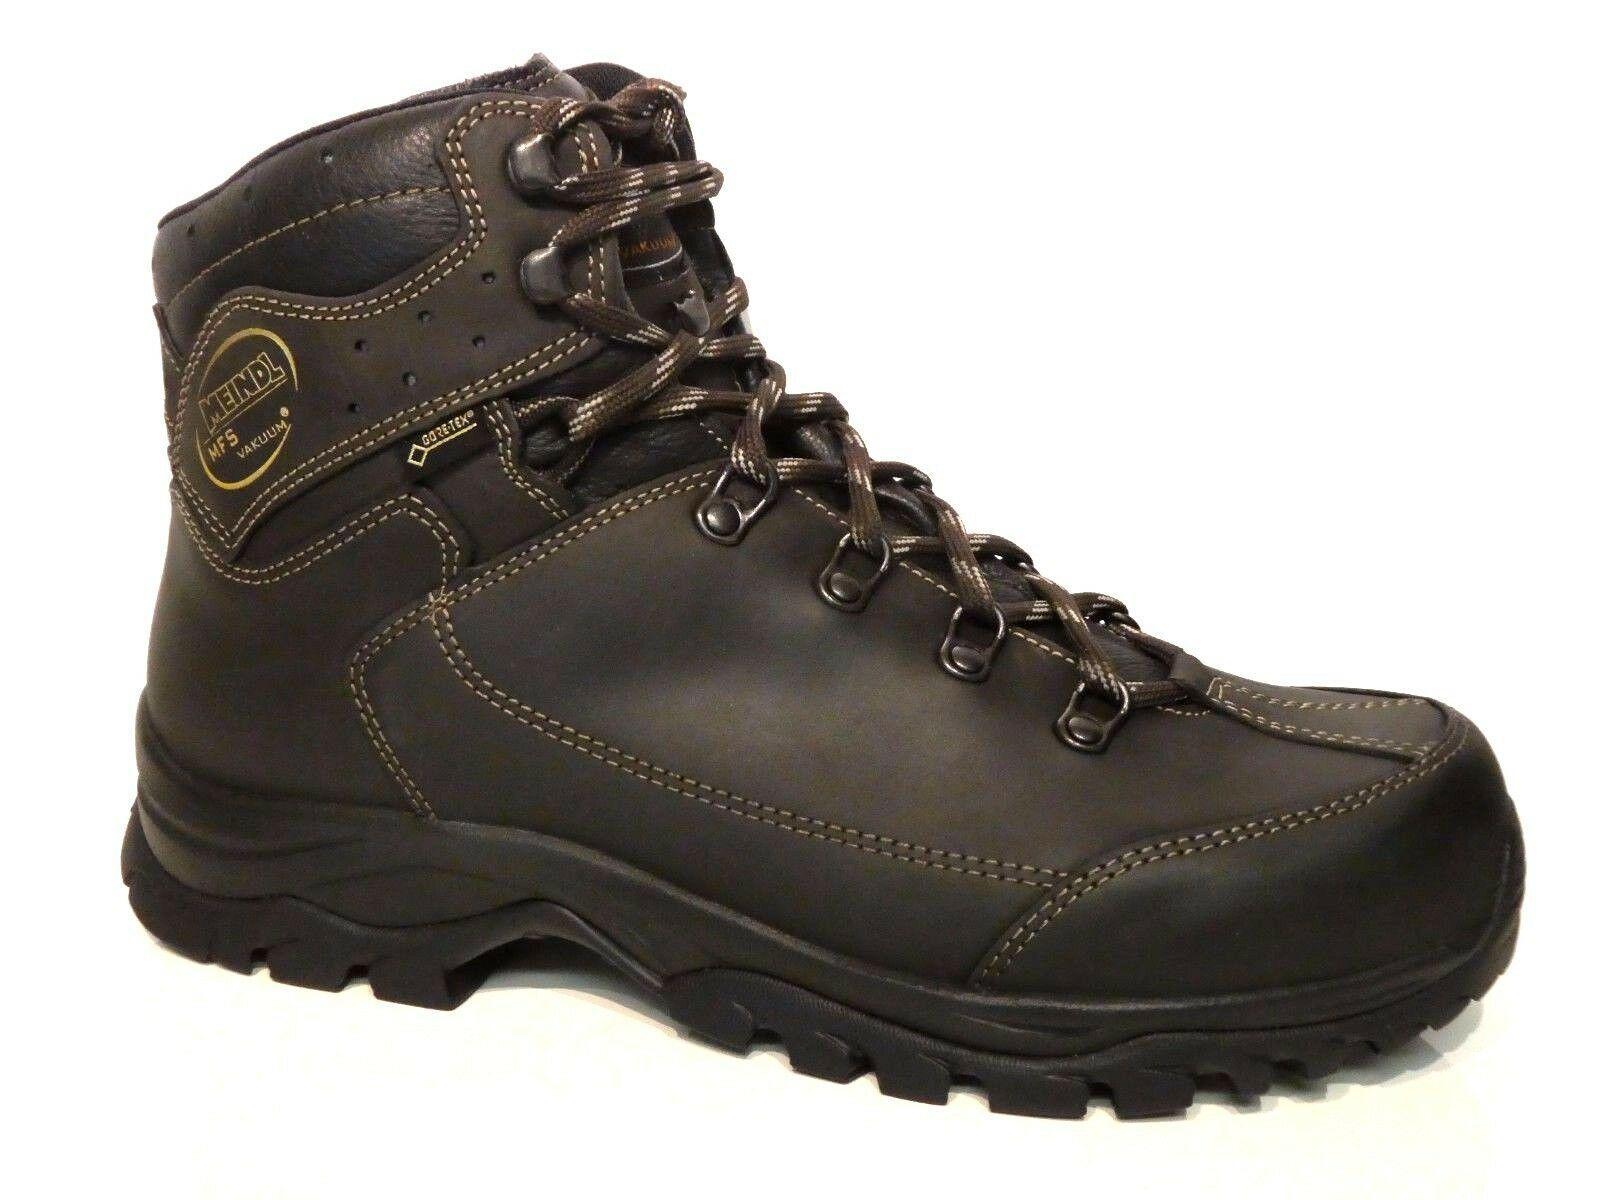 Meindl Schuhe Stiefel Wanderschuhe Vakuum Men Ultra MFS braun Leder Gore Tex NEU      Schenken Sie Ihrem Kind eine glückliche Kindheit